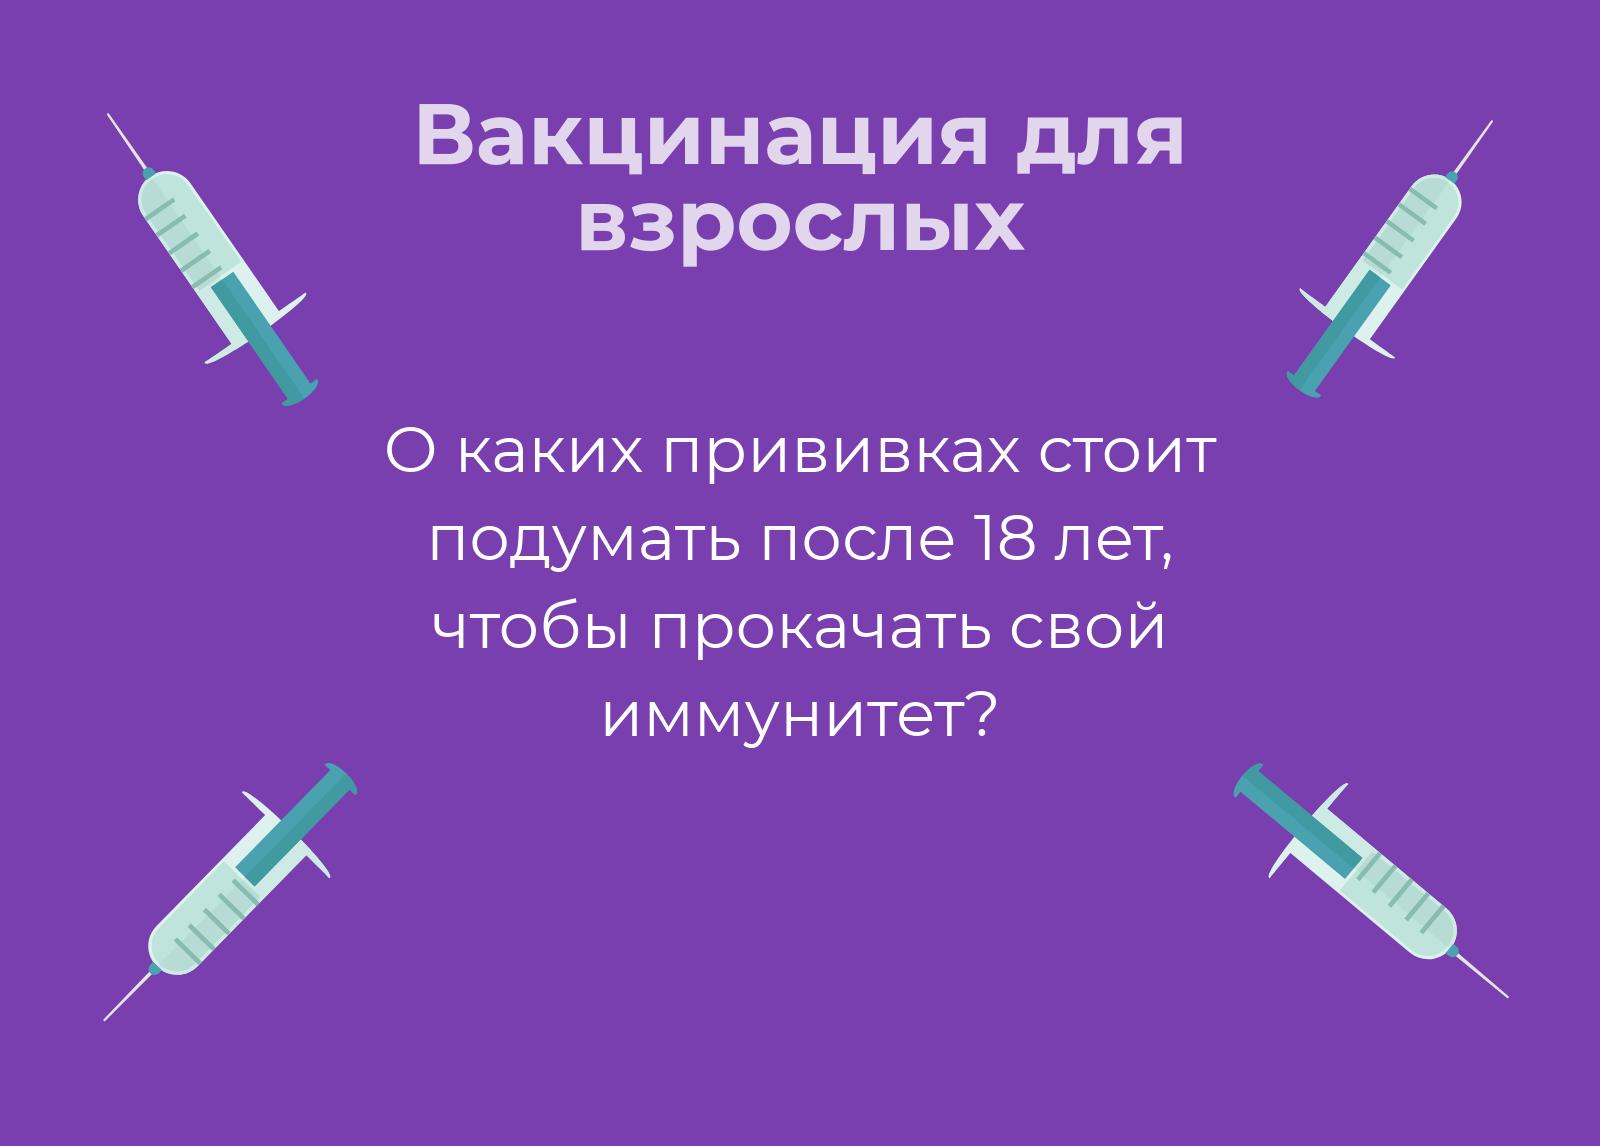 Прививки (вакцинация) – вопросы и ответы